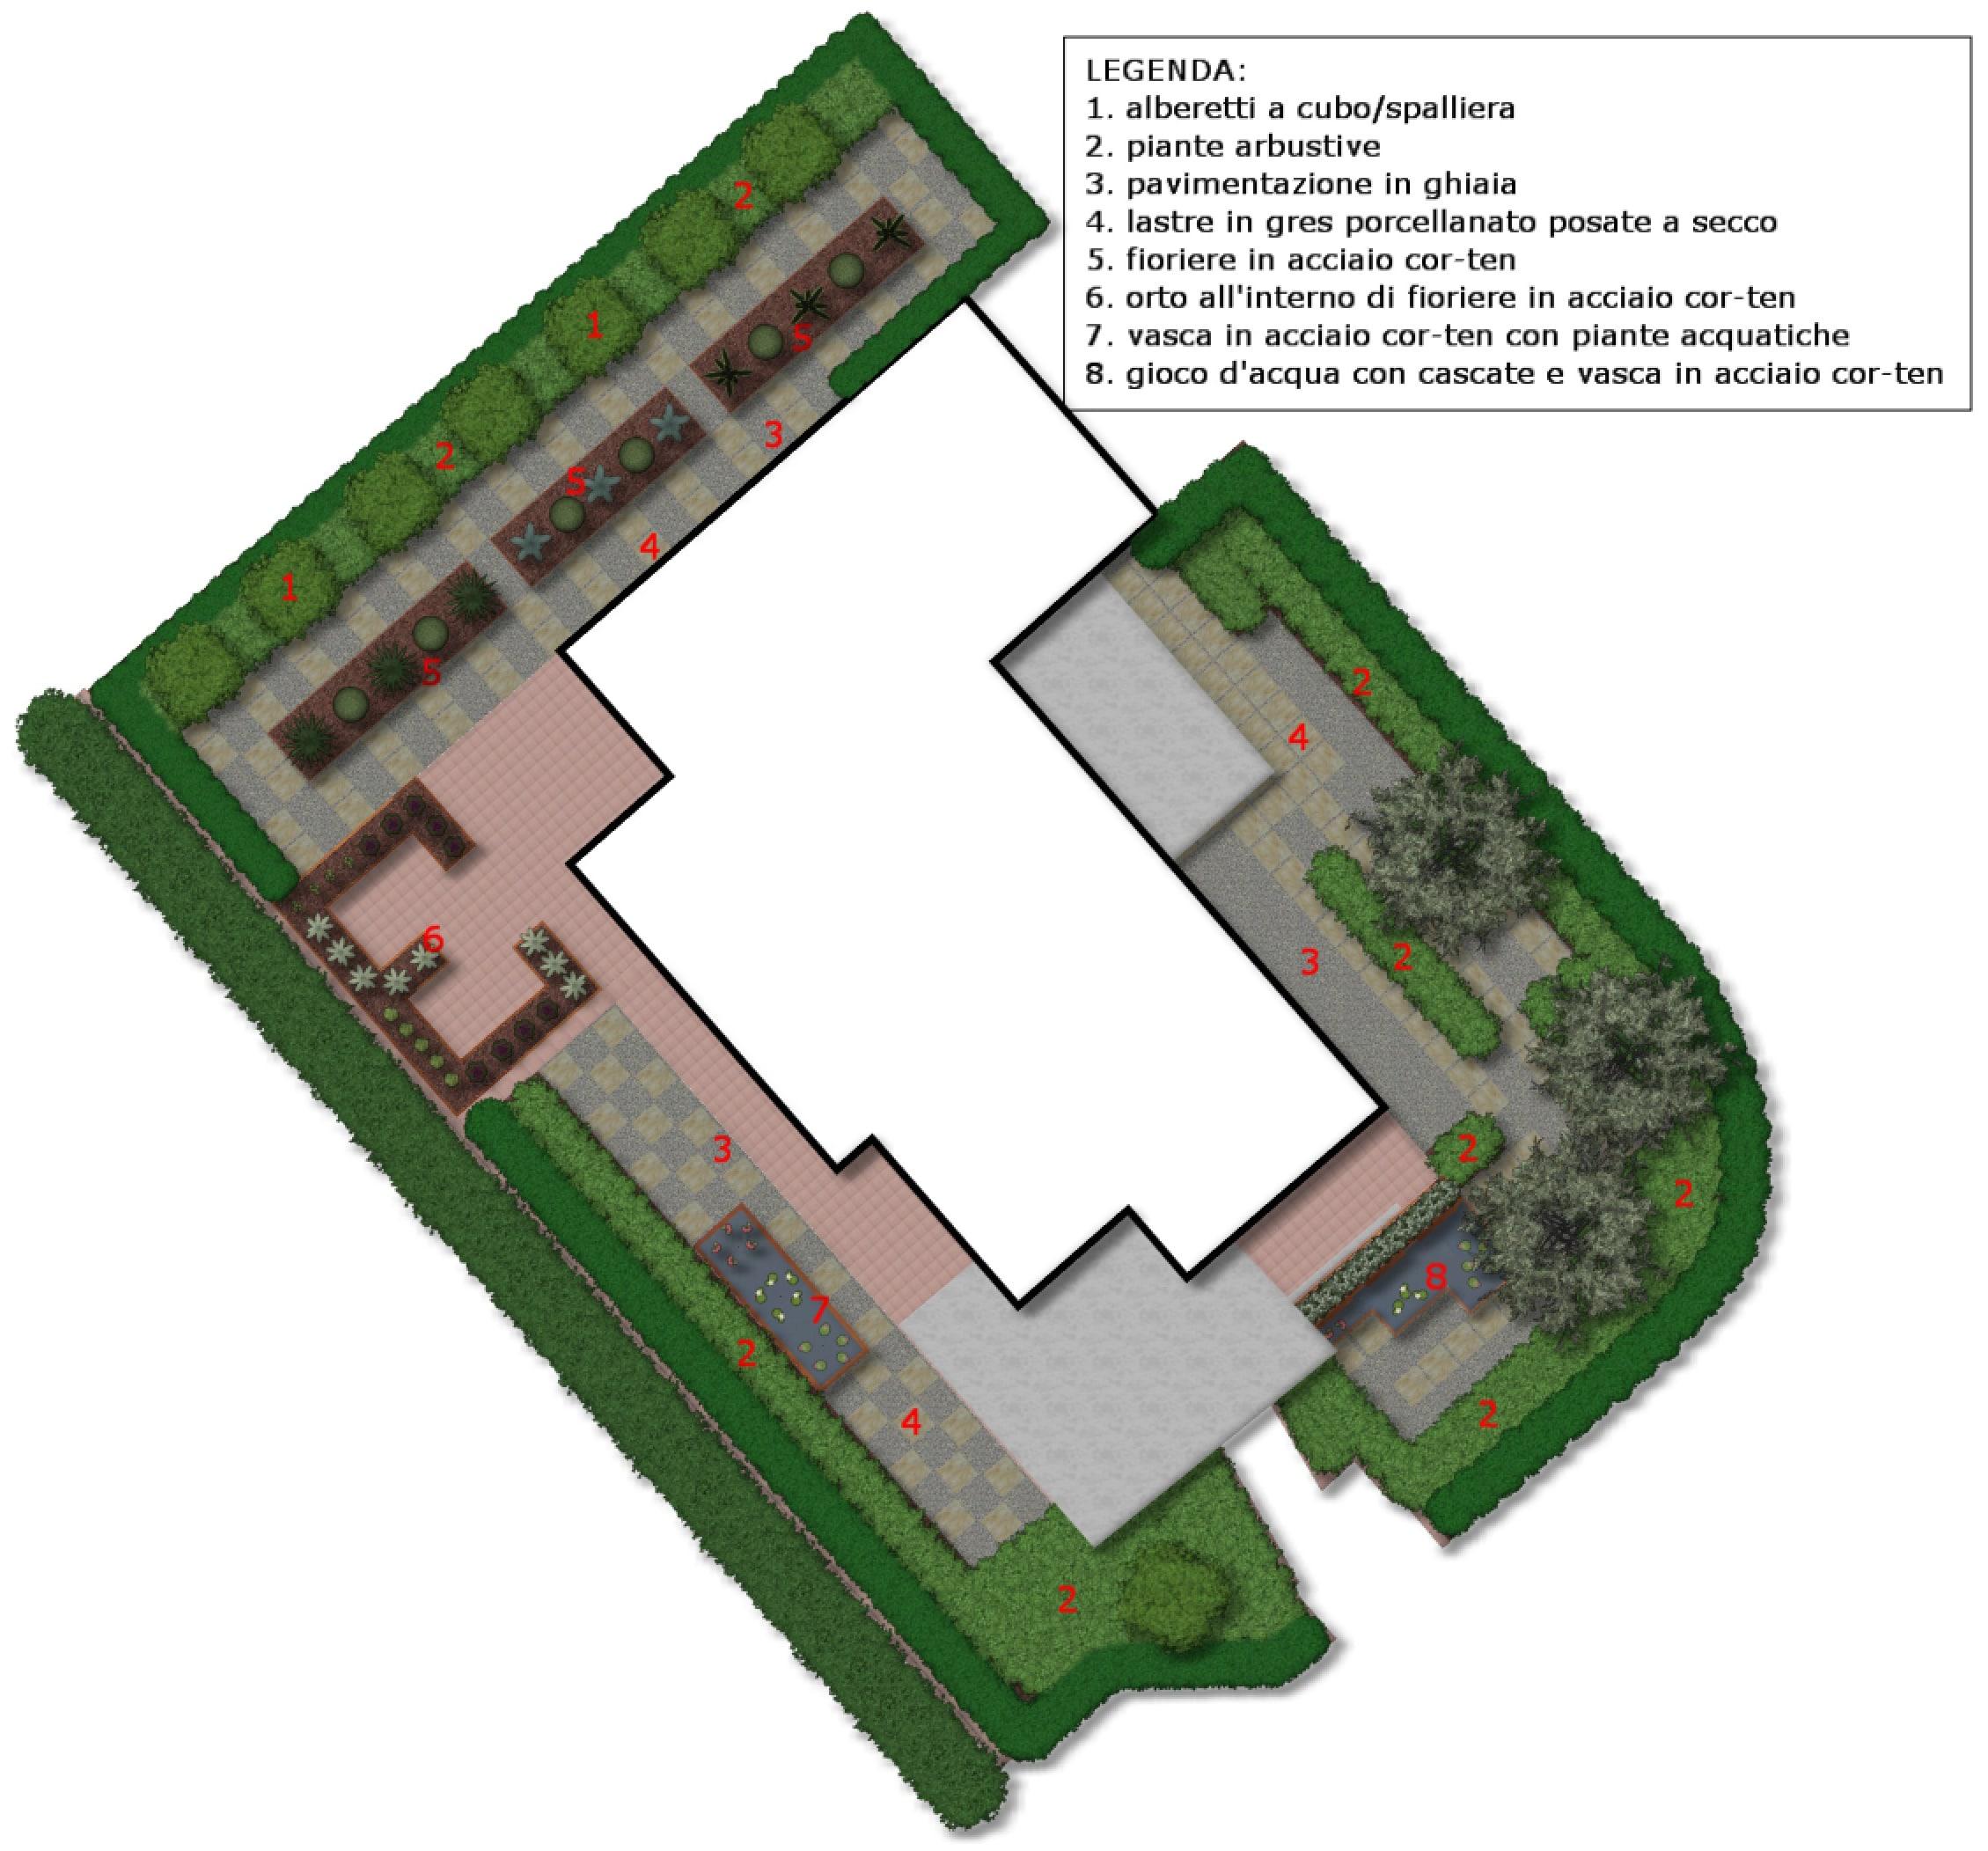 Progettazione giardini online - Davide Giorgi - Paesaggista